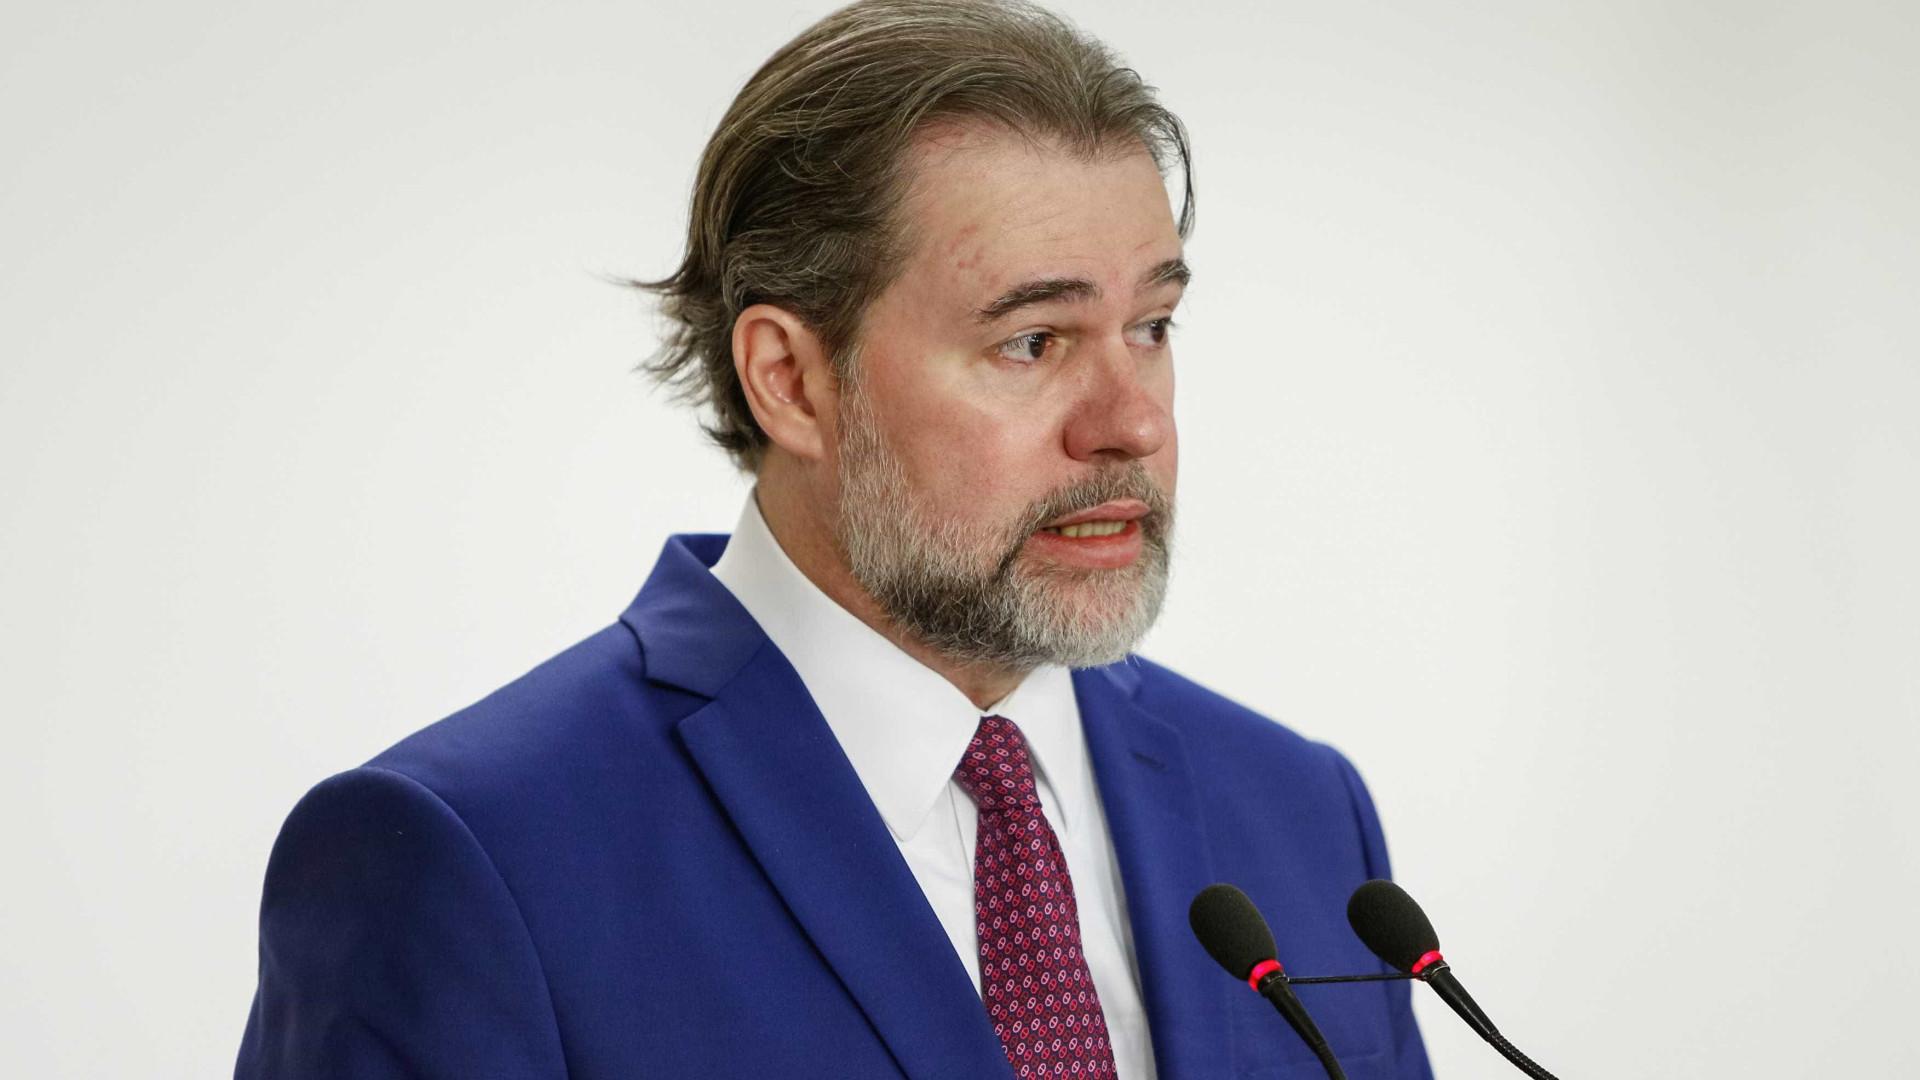 Toffoli reafirma decisão que suspendeu entrevista de Lula